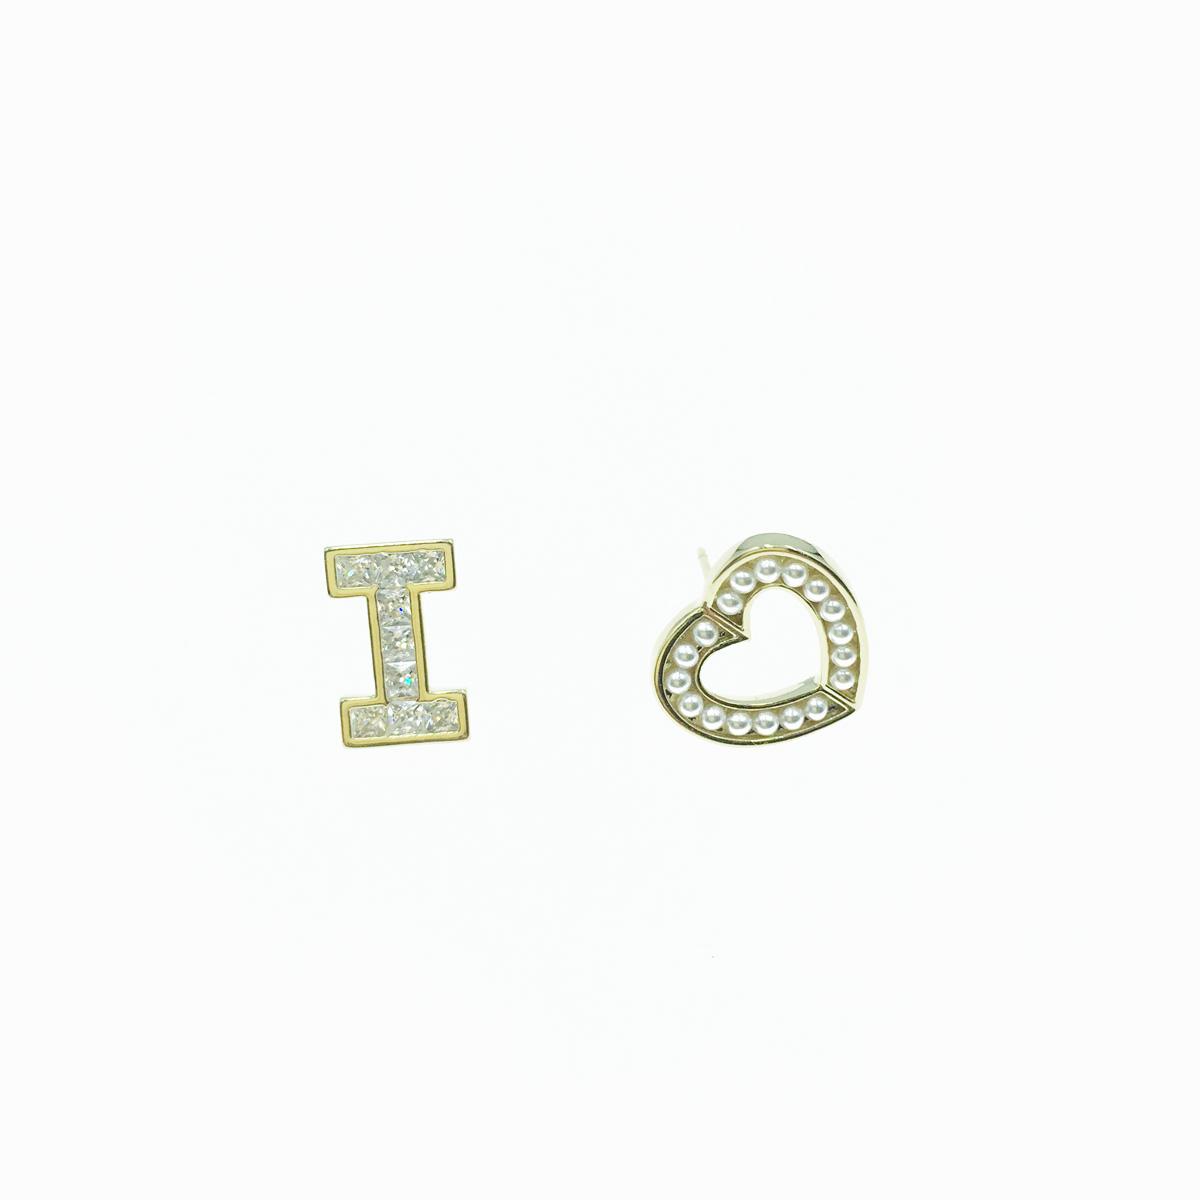 韓國 925純銀 珍珠 愛心 英文字母I 水鑽 金色 不對稱 簡約 可愛 耳針式 耳環